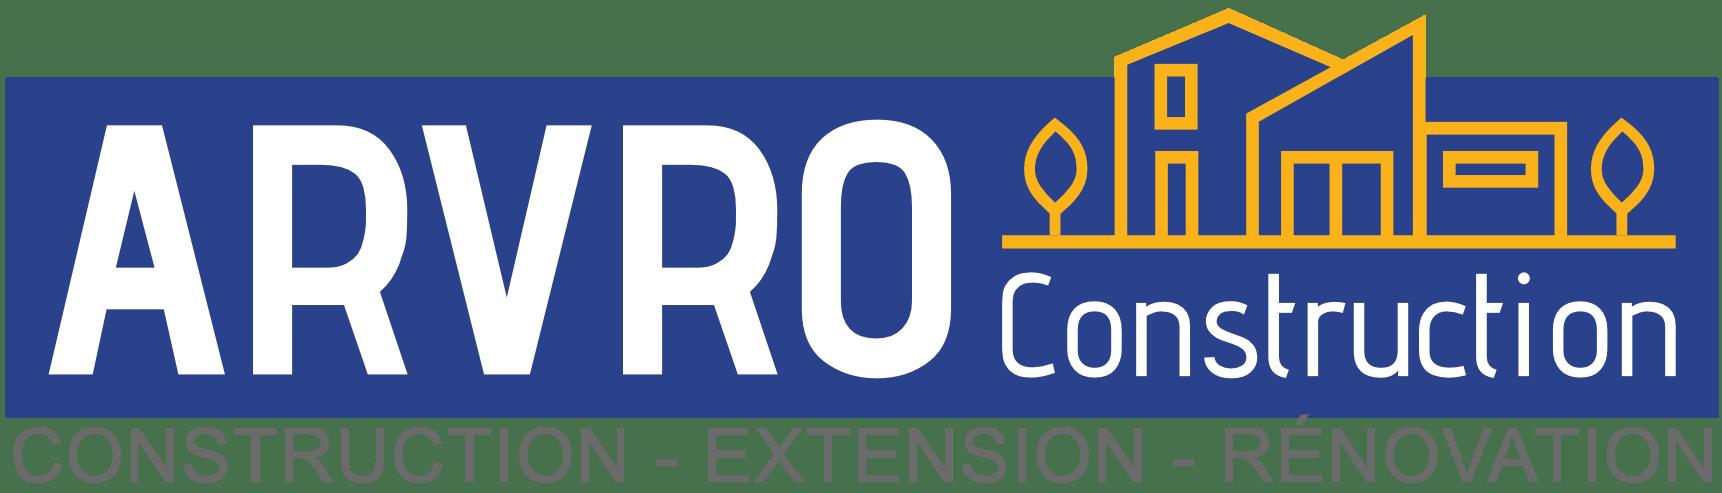 ARVRO-LOGO-2020